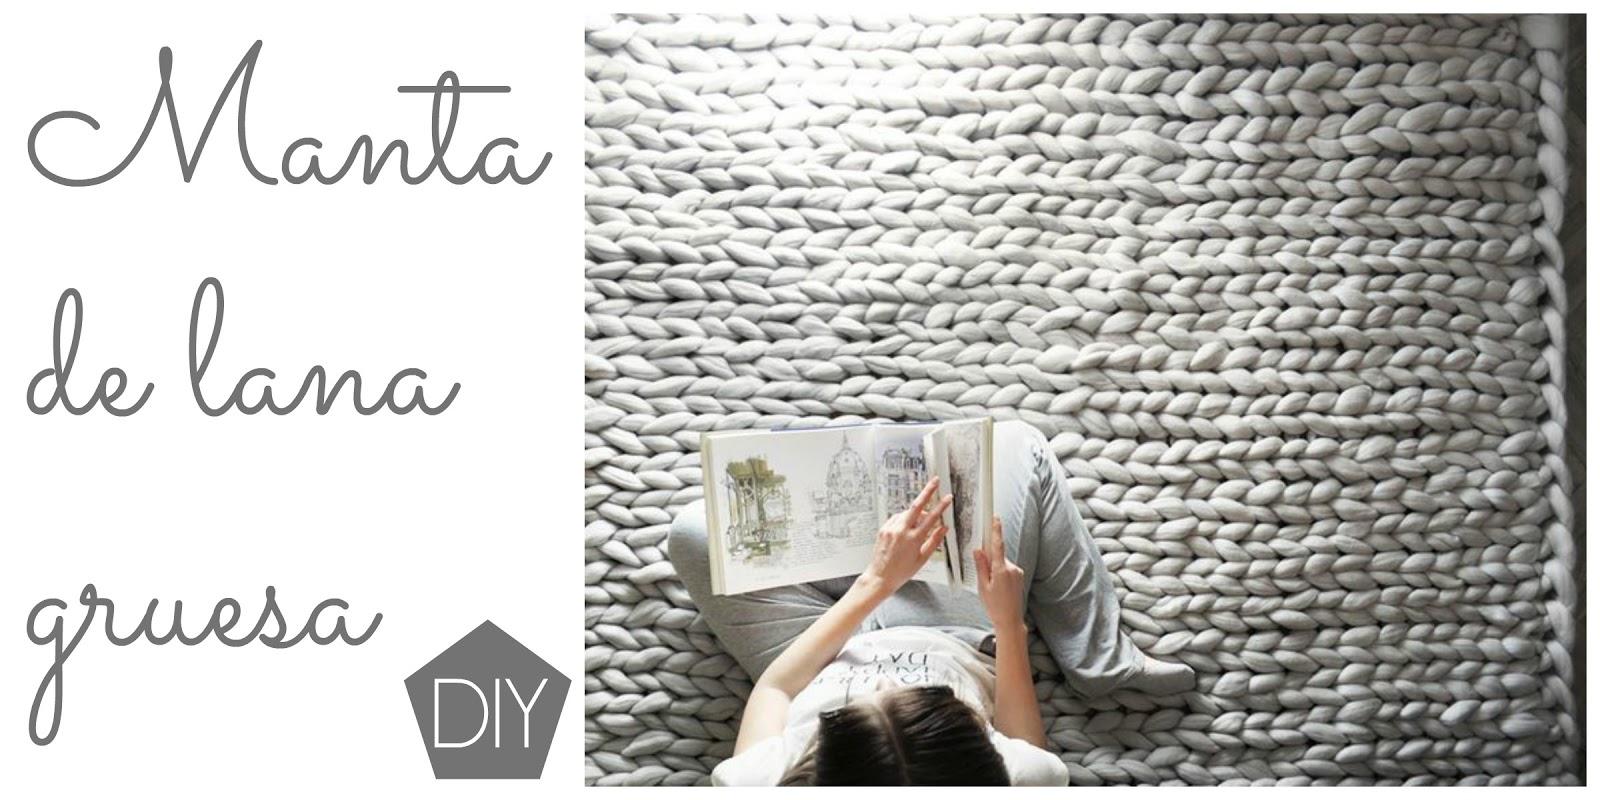 Manta de lana gruesa DIY - DIARIODECO